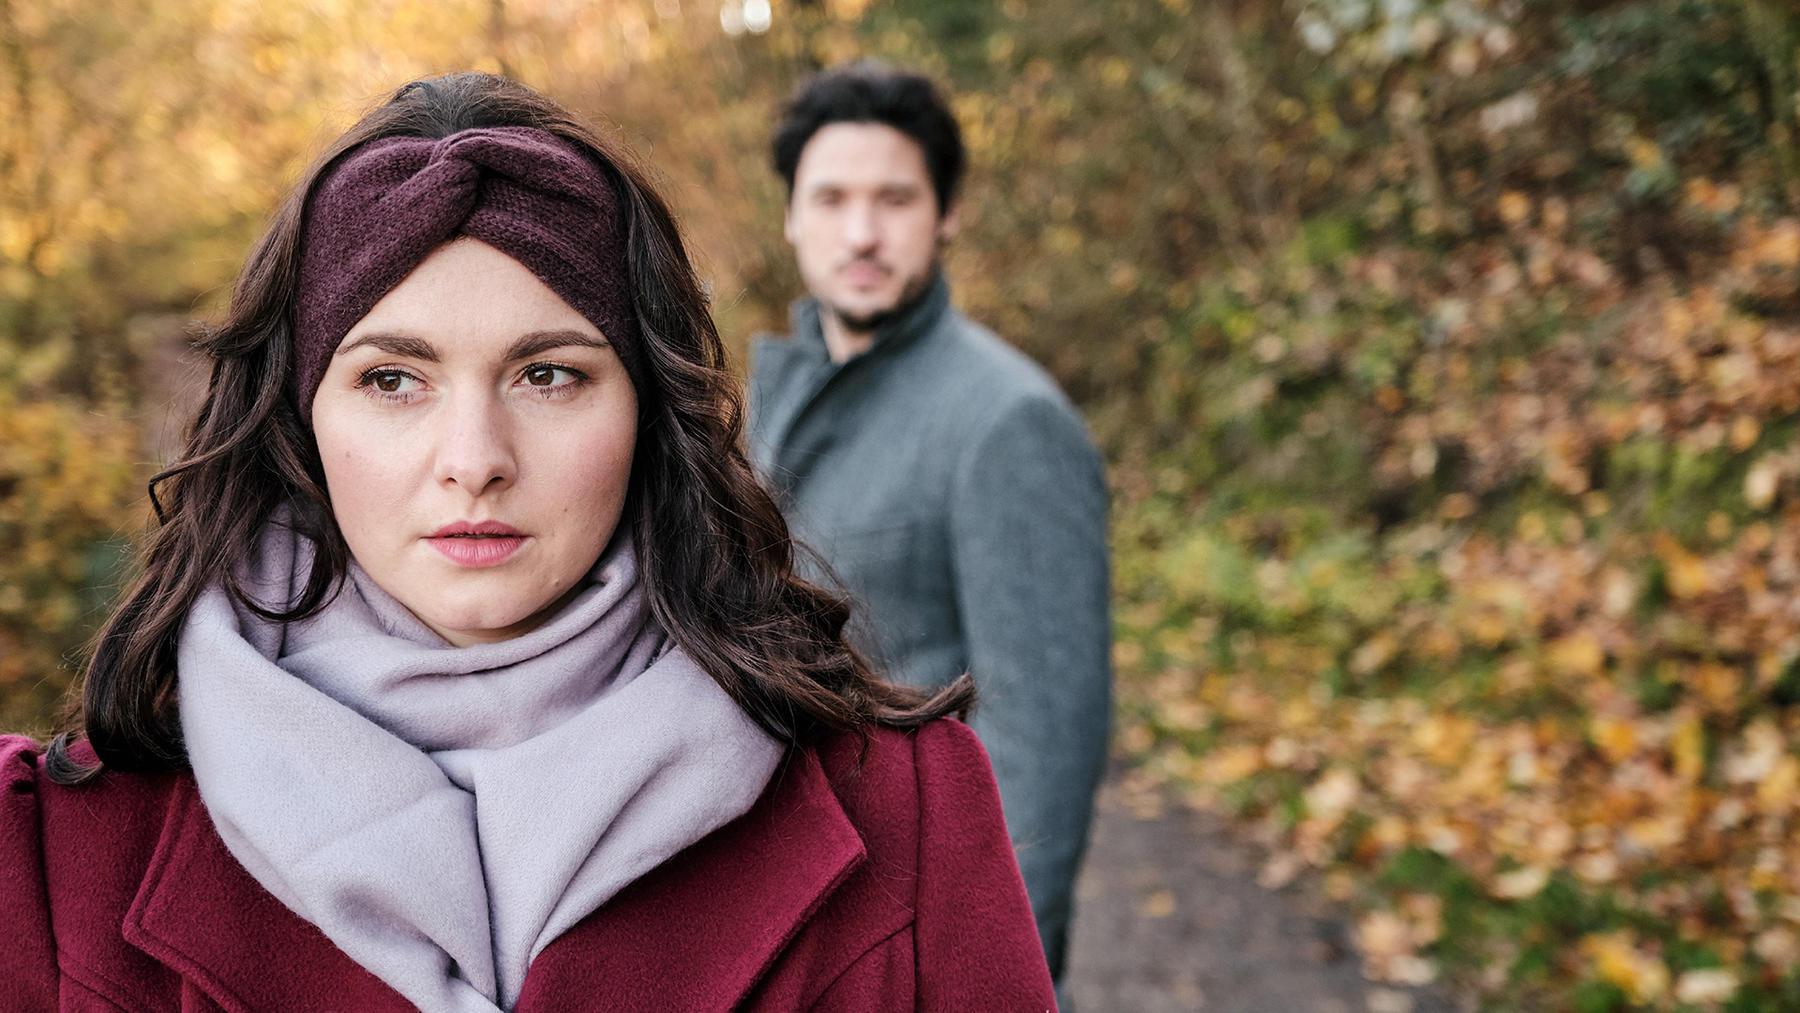 Jakob hofft insgeheim auf einen Neuanfang mit Saskia